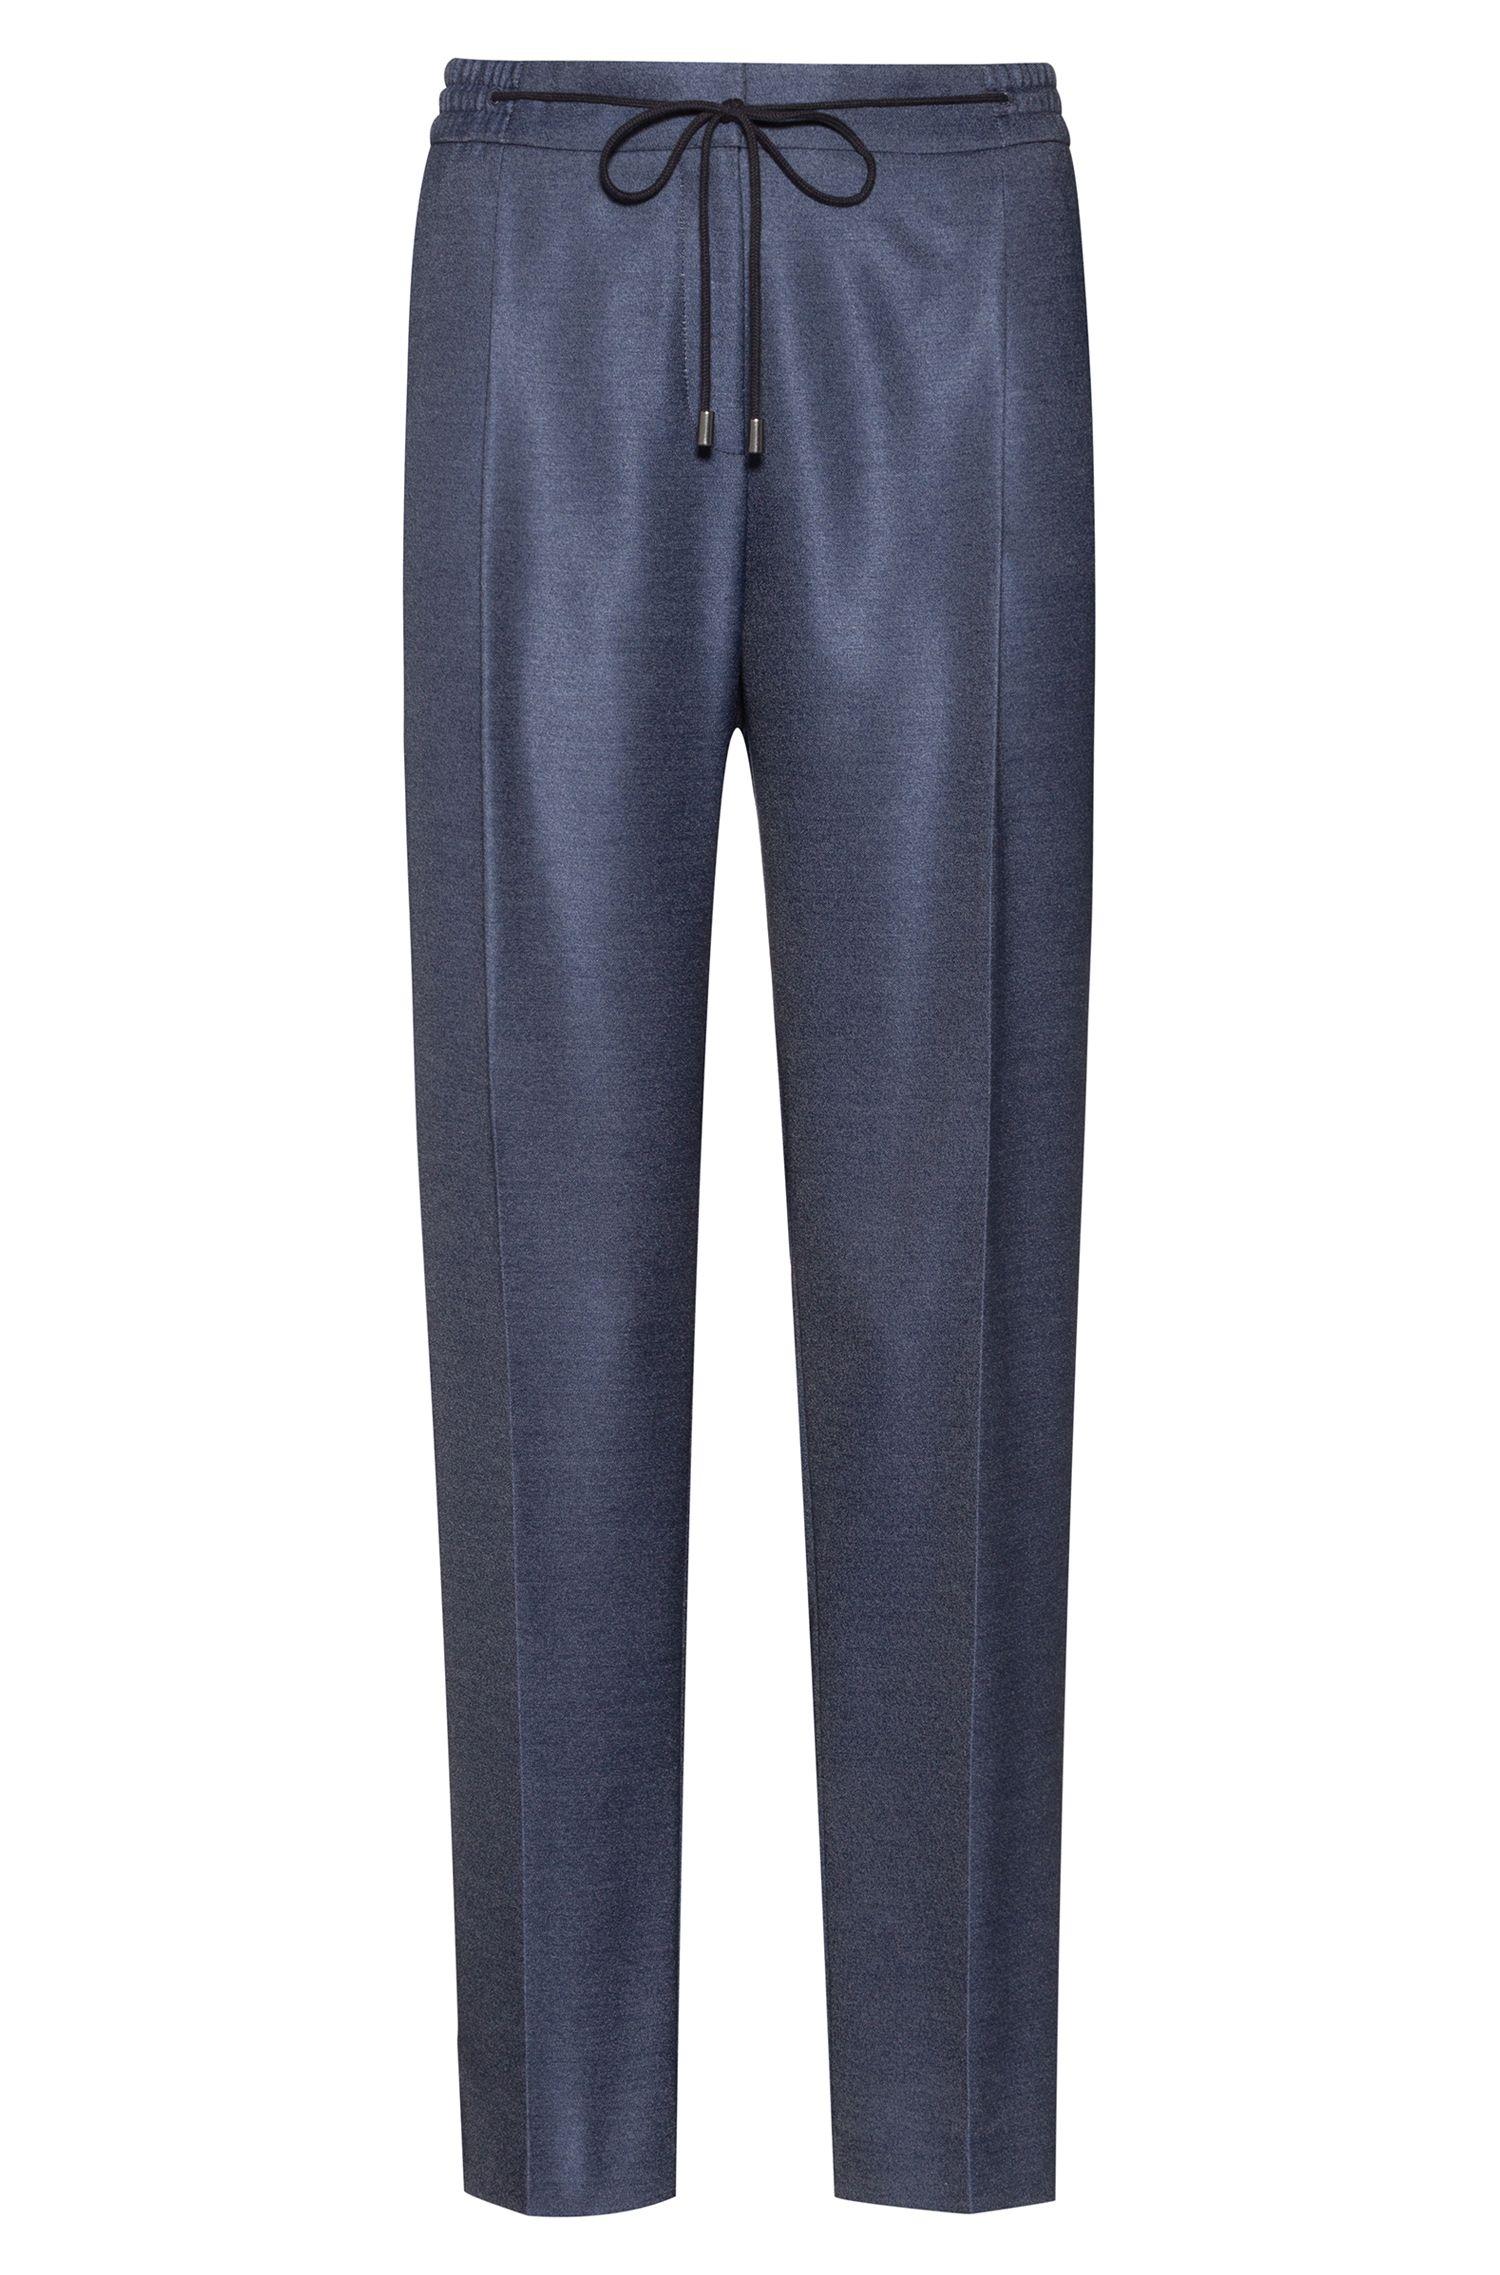 Relaxed-fit broek van stretchmateriaal met tailleband met trekkoord, Donkerblauw